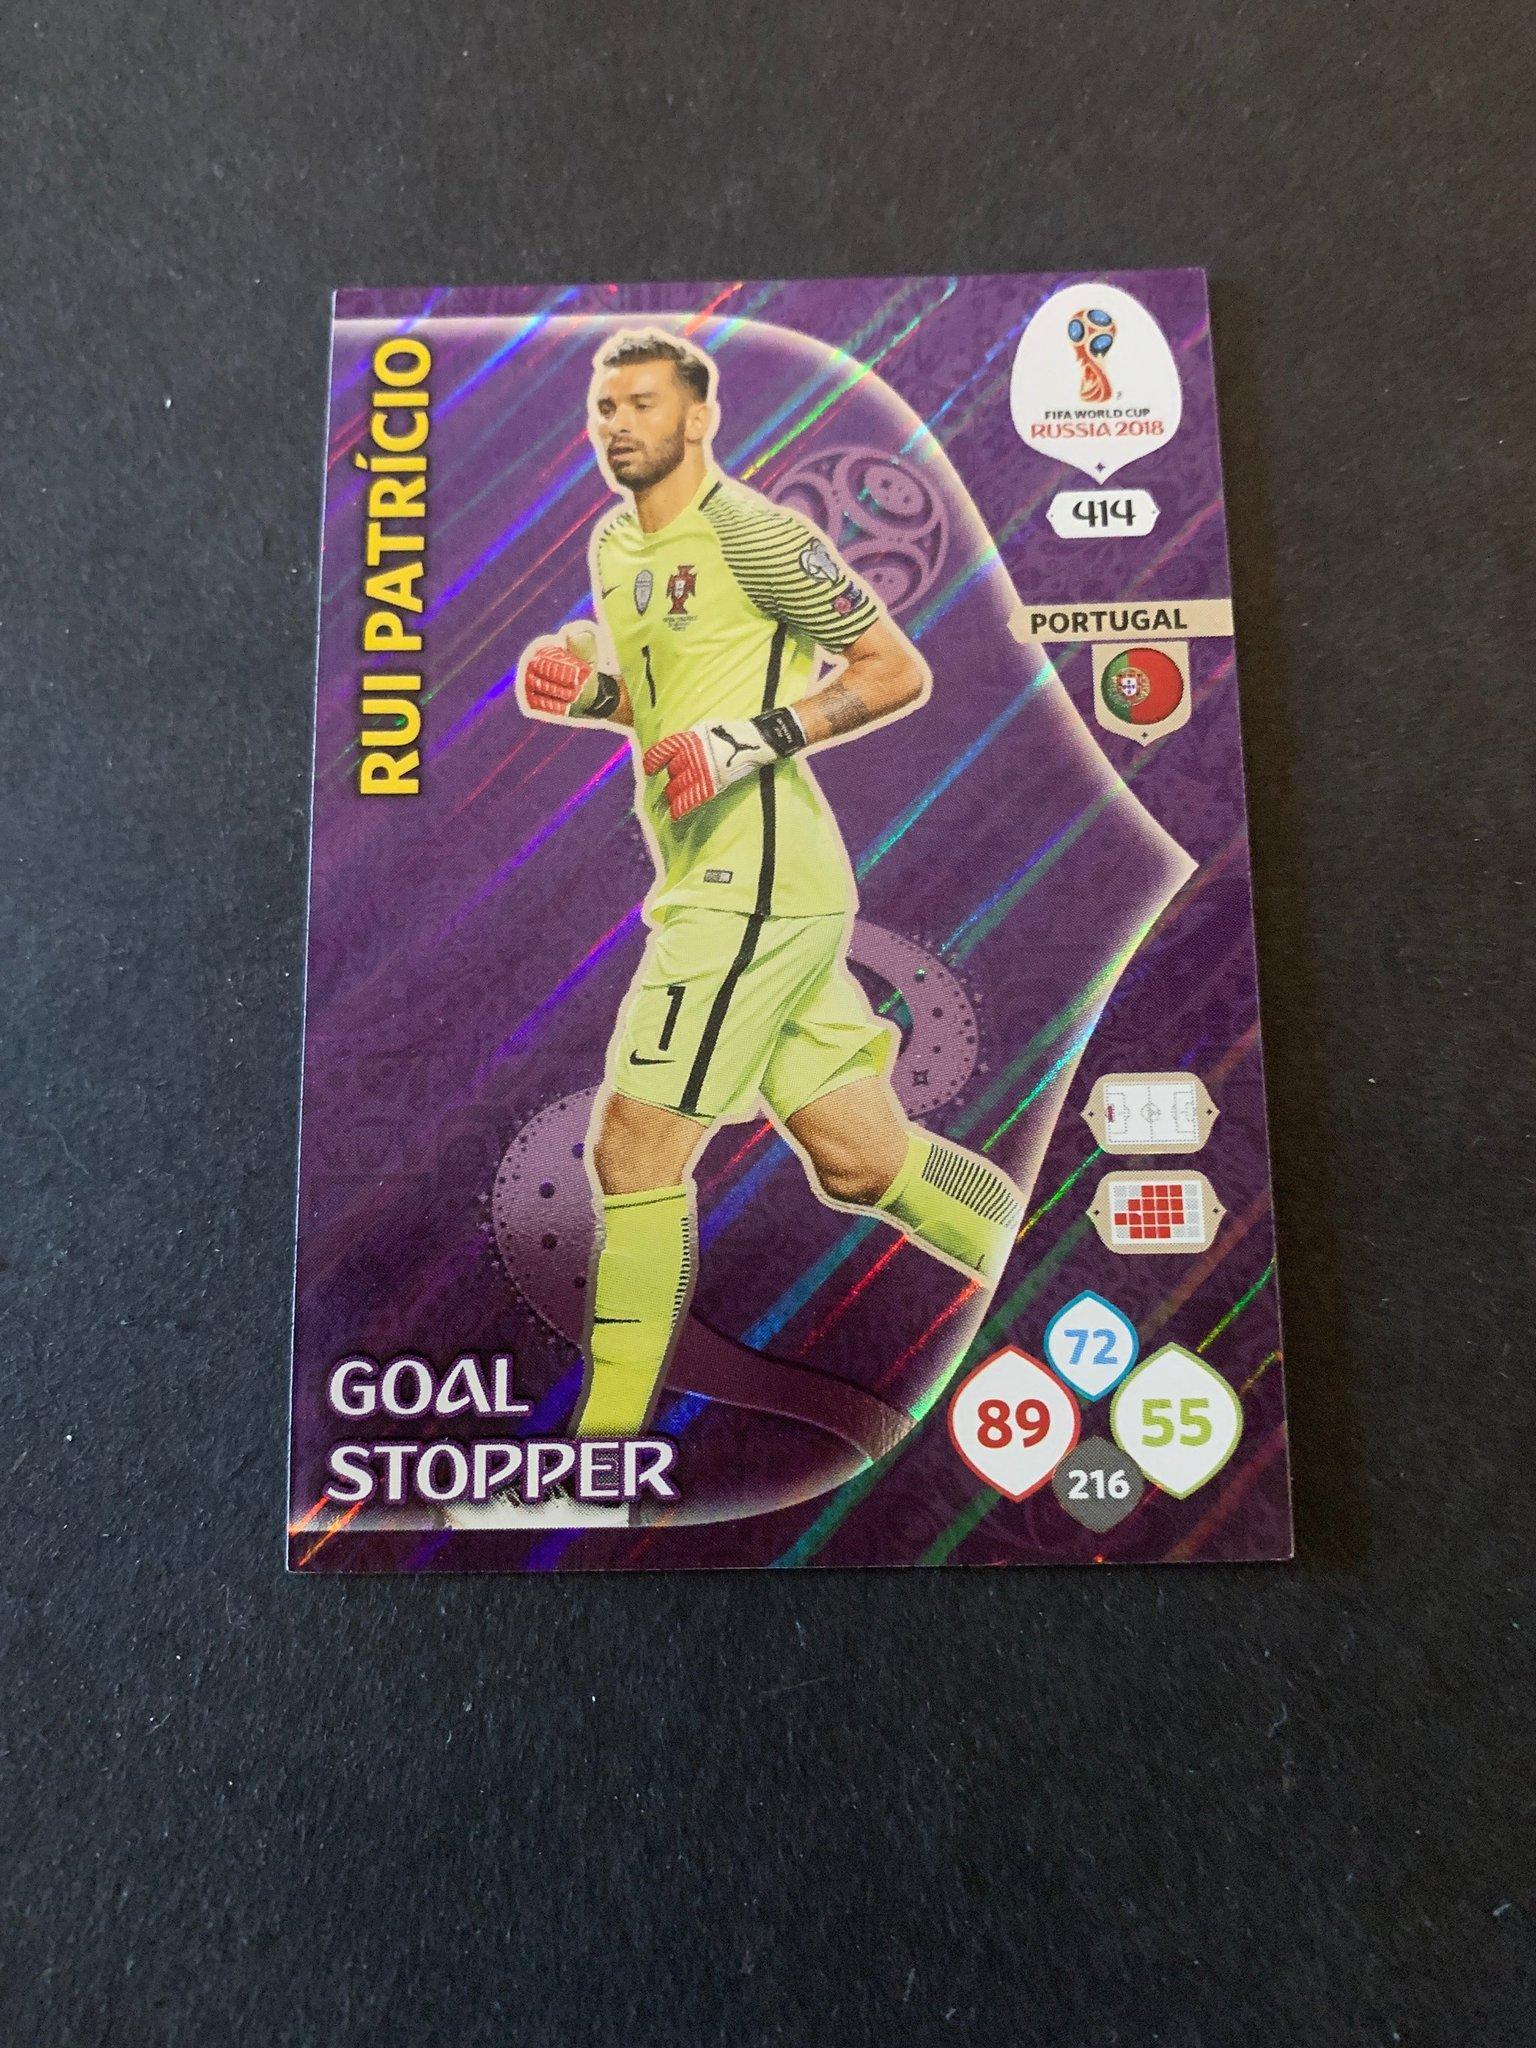 Panini Adrenalyn Road World Cup Brazil 216-rui patricio-goal Stopper